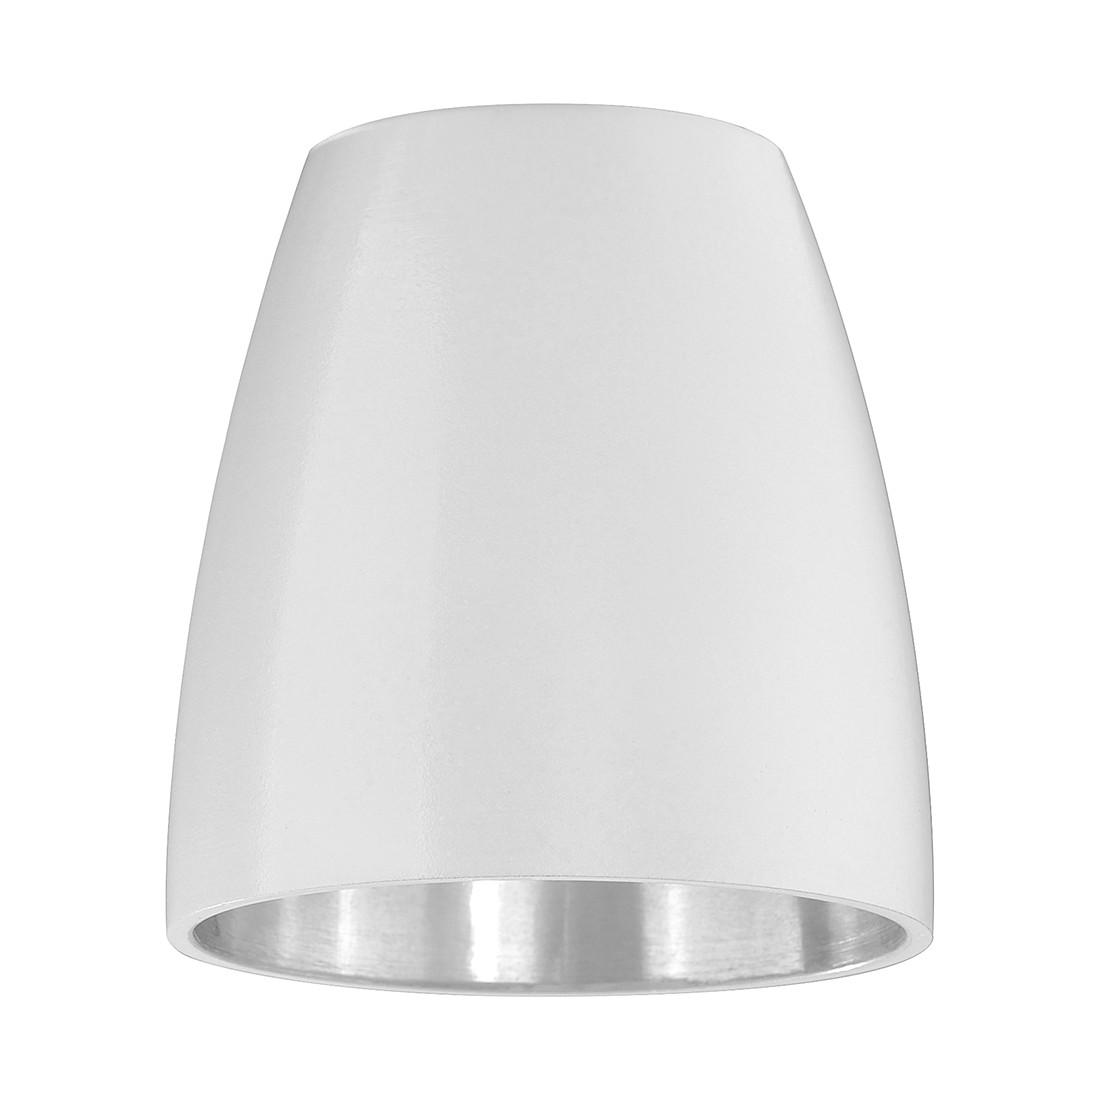 Metalen lampenkap - accessoire M6 licht/spot18 wit metaal, Fischer Leuchten